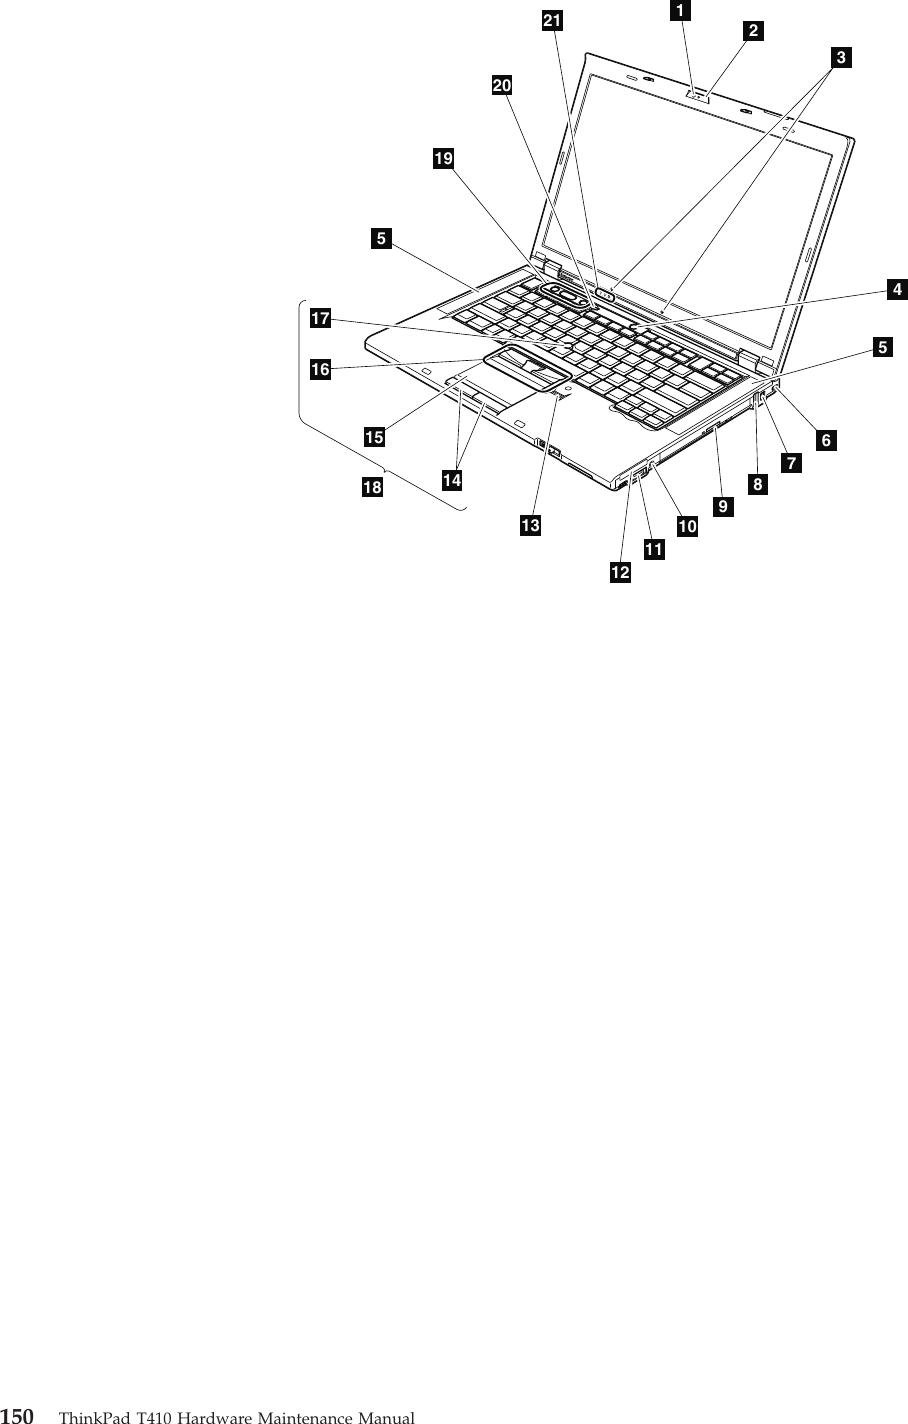 Lenovo T410I Users Manual ThinkPad T410 Hardware Maintenance